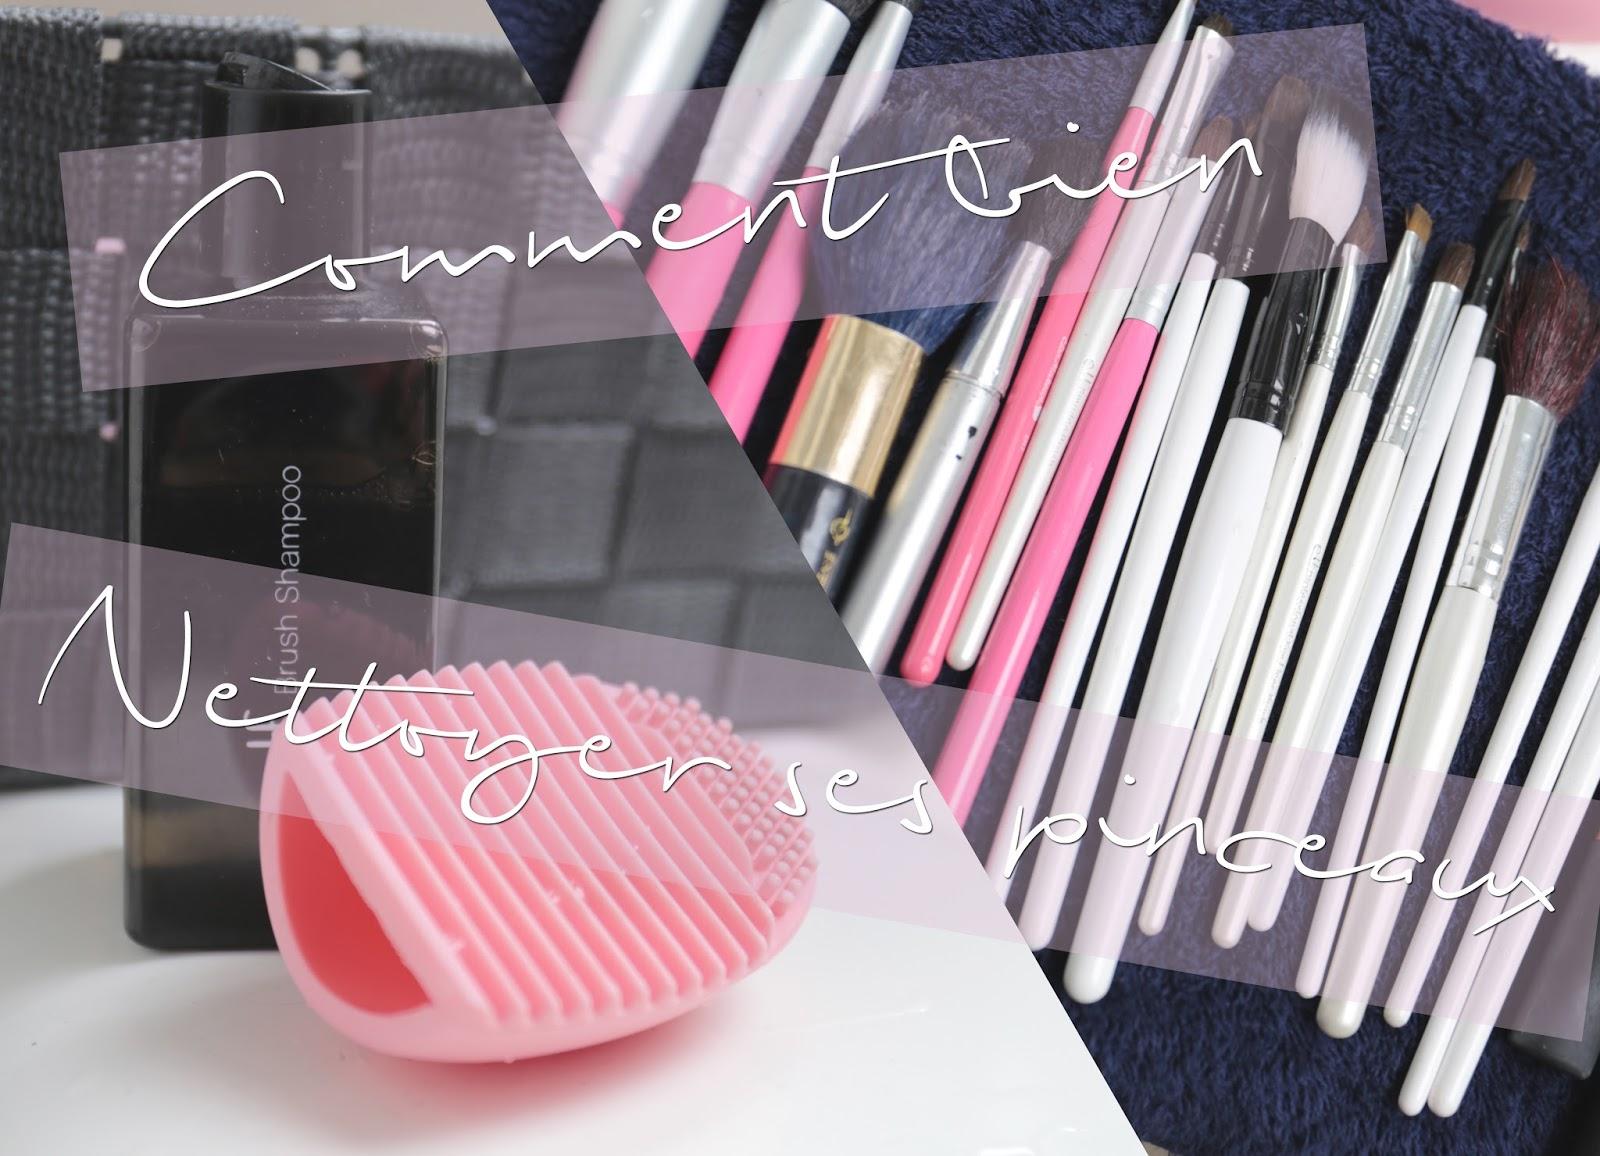 Comment bien nettoyer ses pinceaux makeup | VIDEO + CONCOURS [CLOSED]